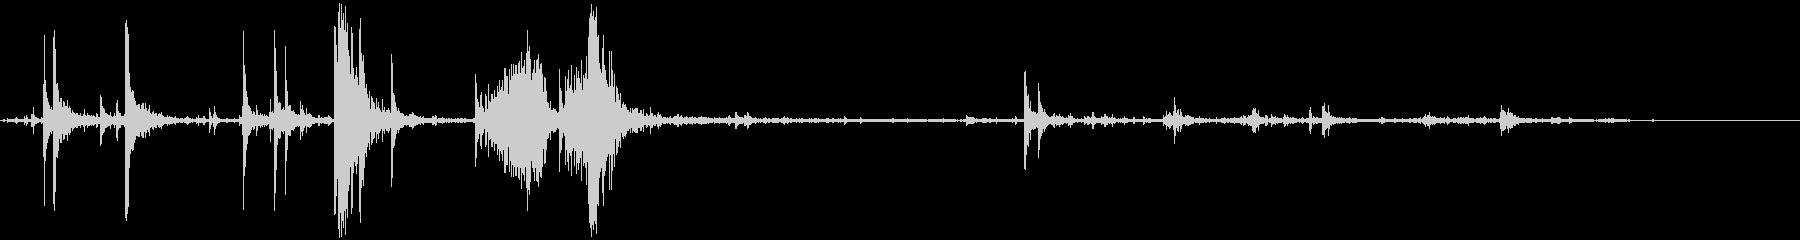 ウッドスプリンターとブレイクの大ヒットの未再生の波形